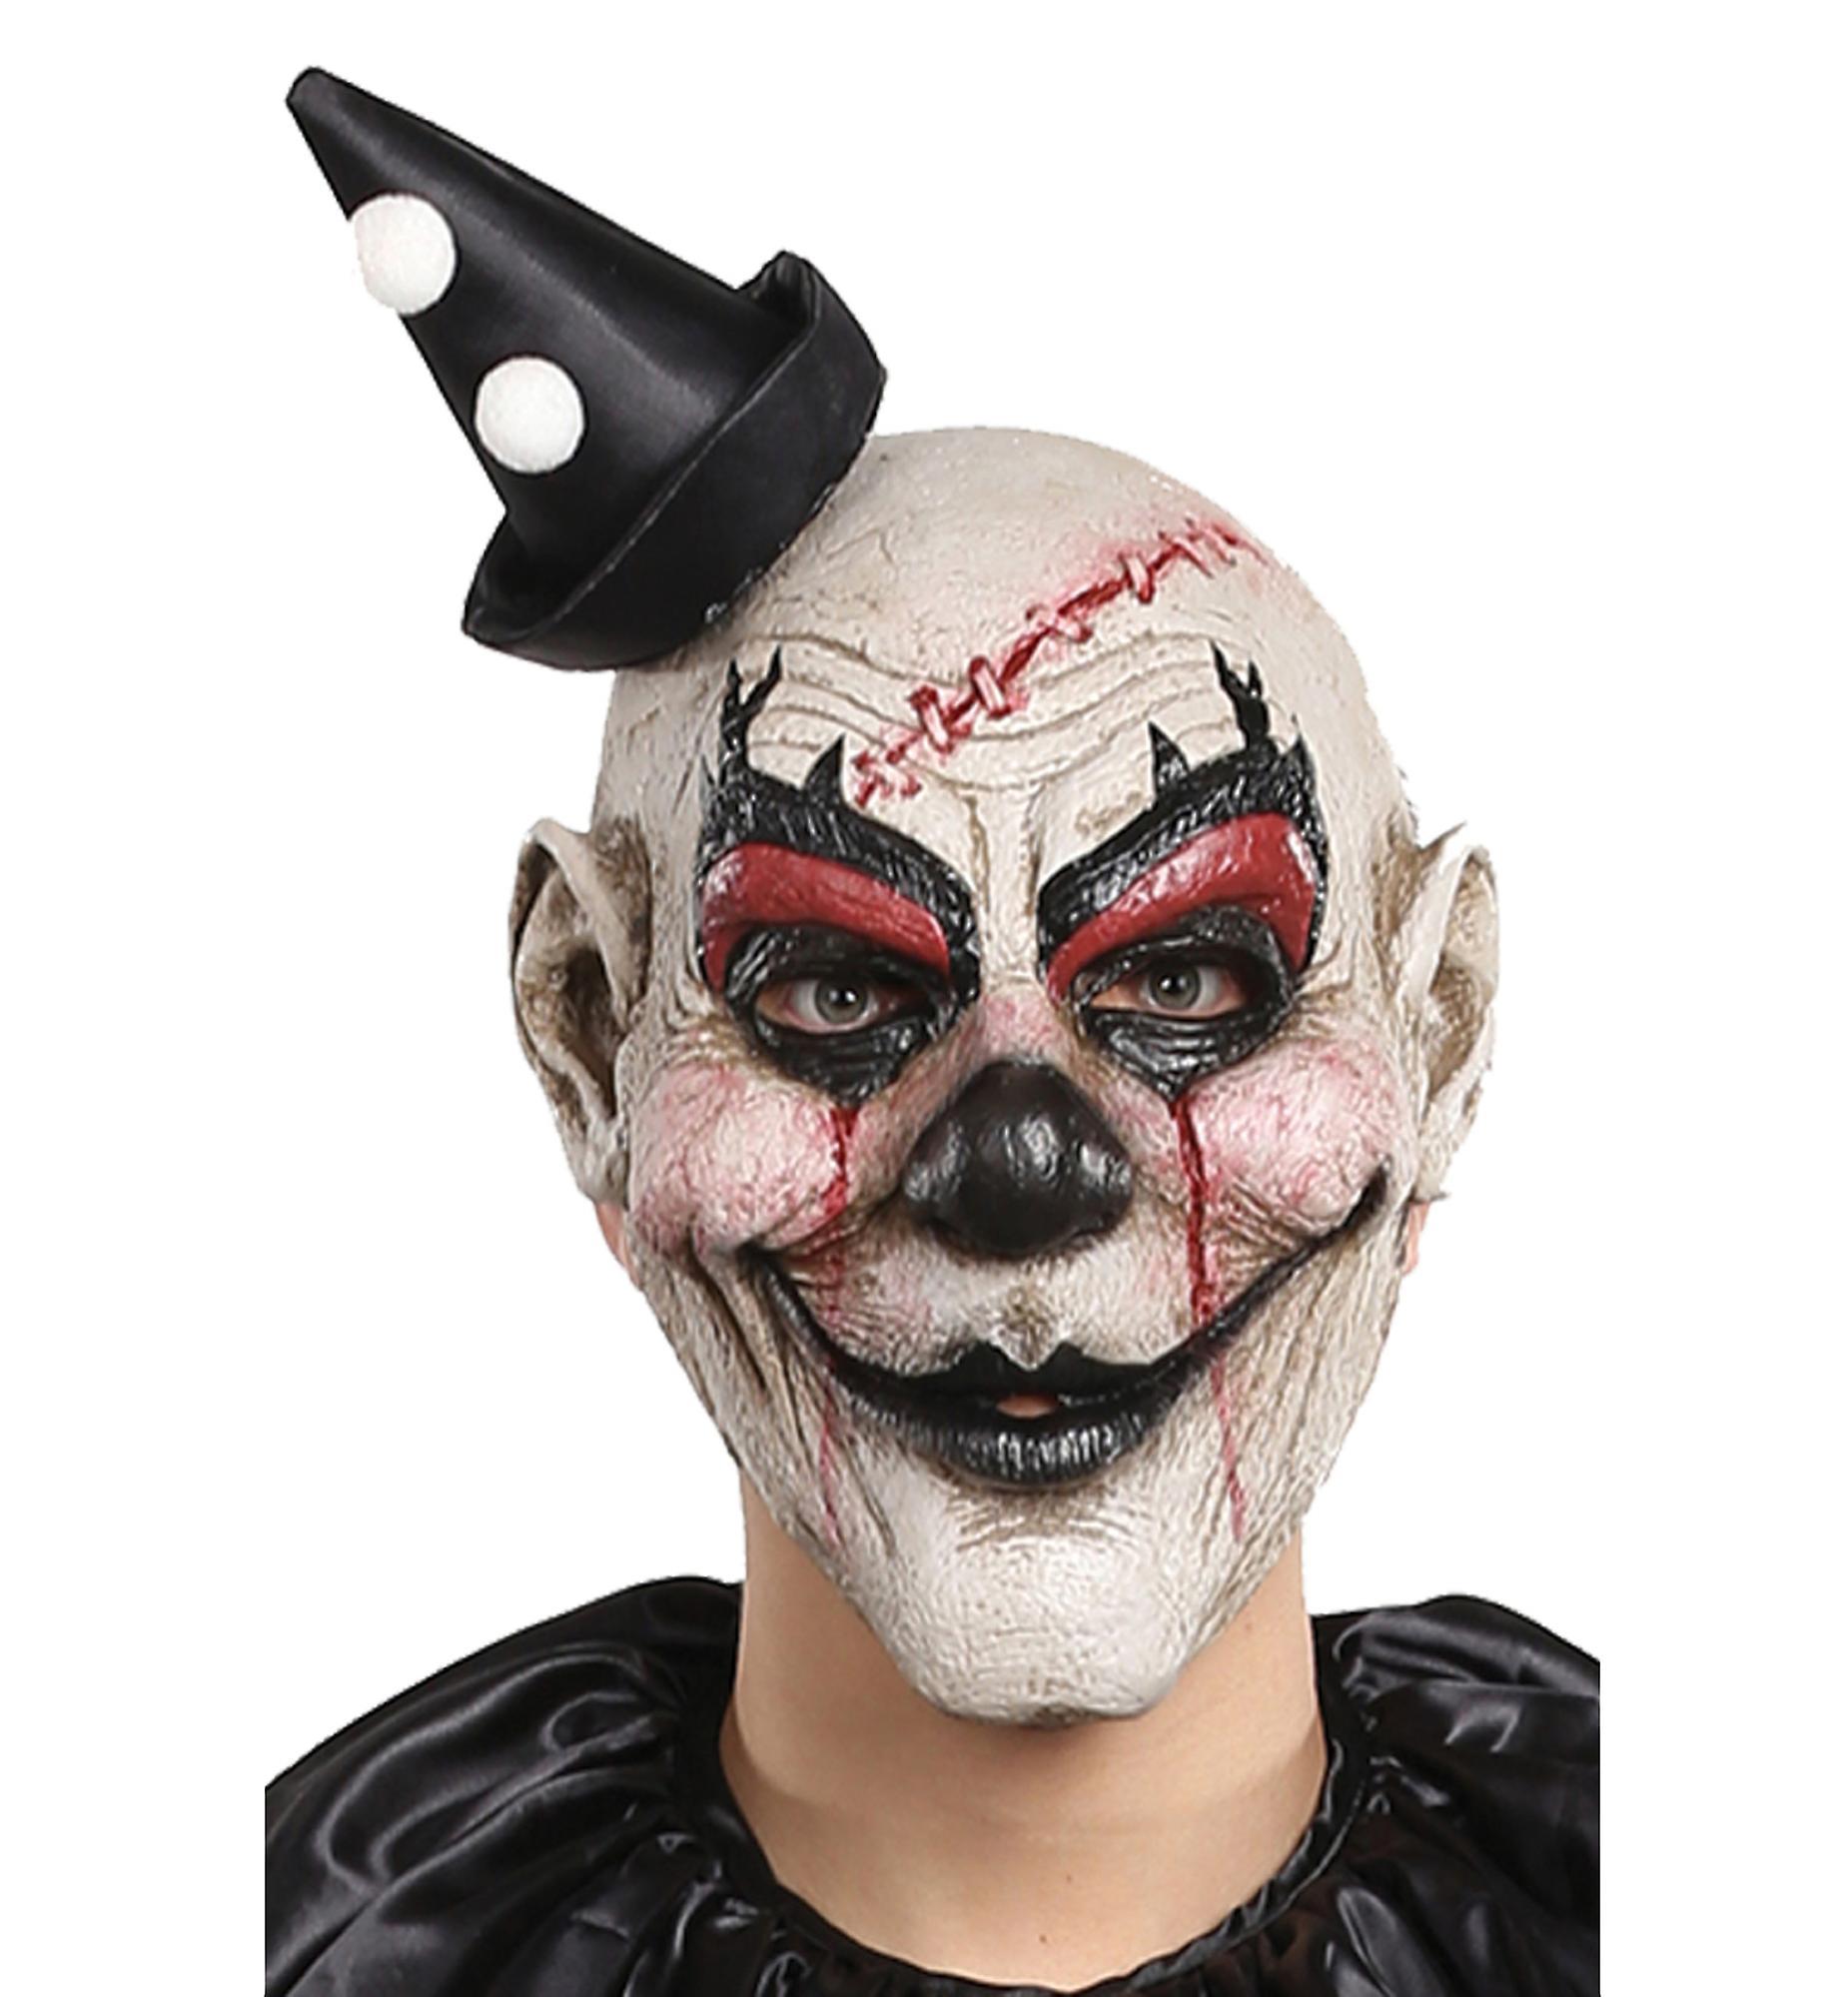 назначение злая маска в картинках телефона